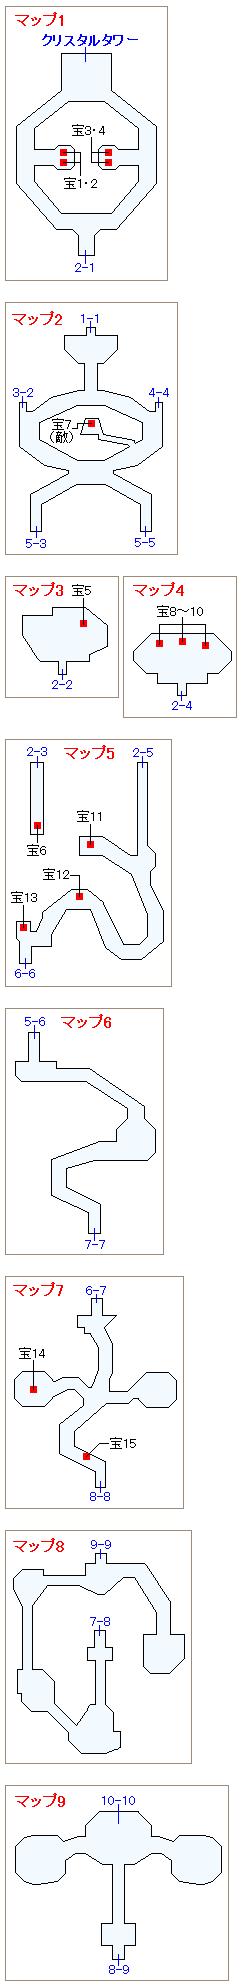 ストーリー攻略マップ・禁断の地エウレカ(1)